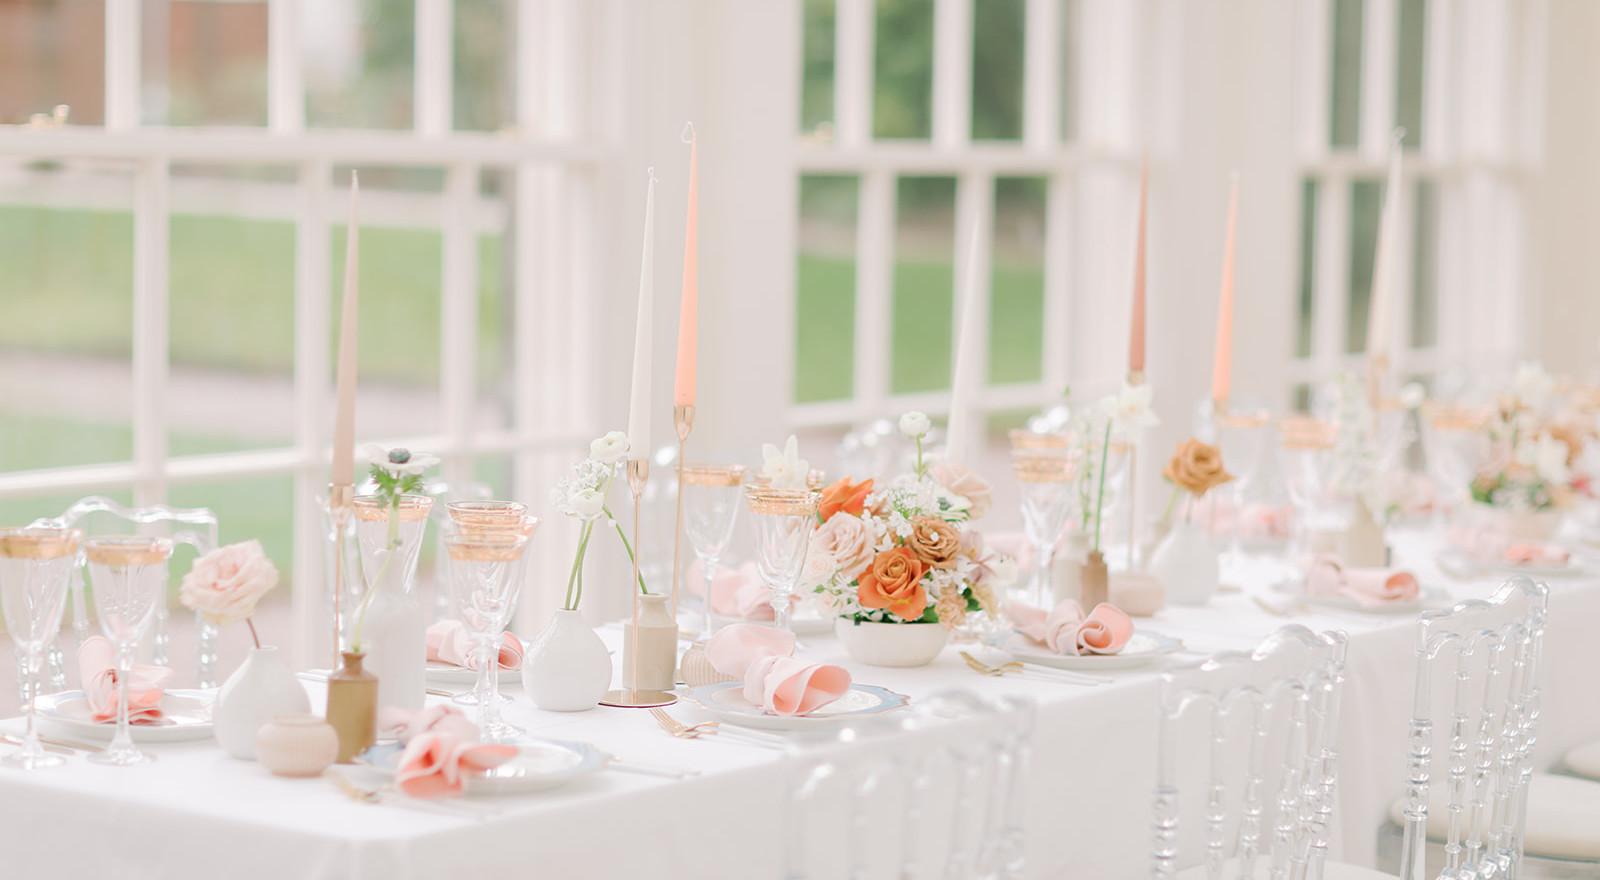 Elegnat table setting